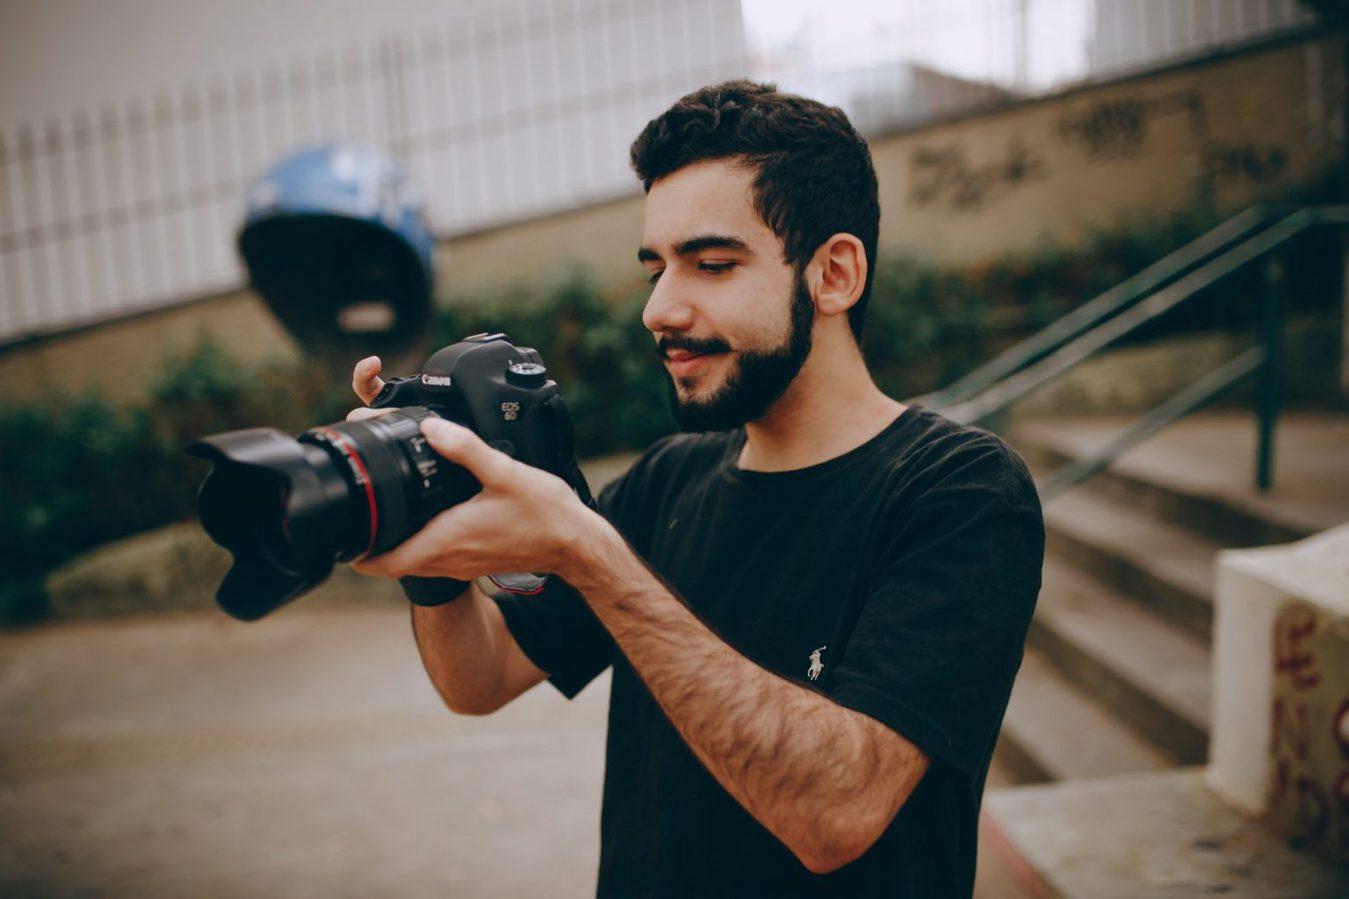 Scatto laterale di un uomo che tiene e punta una fotocamera